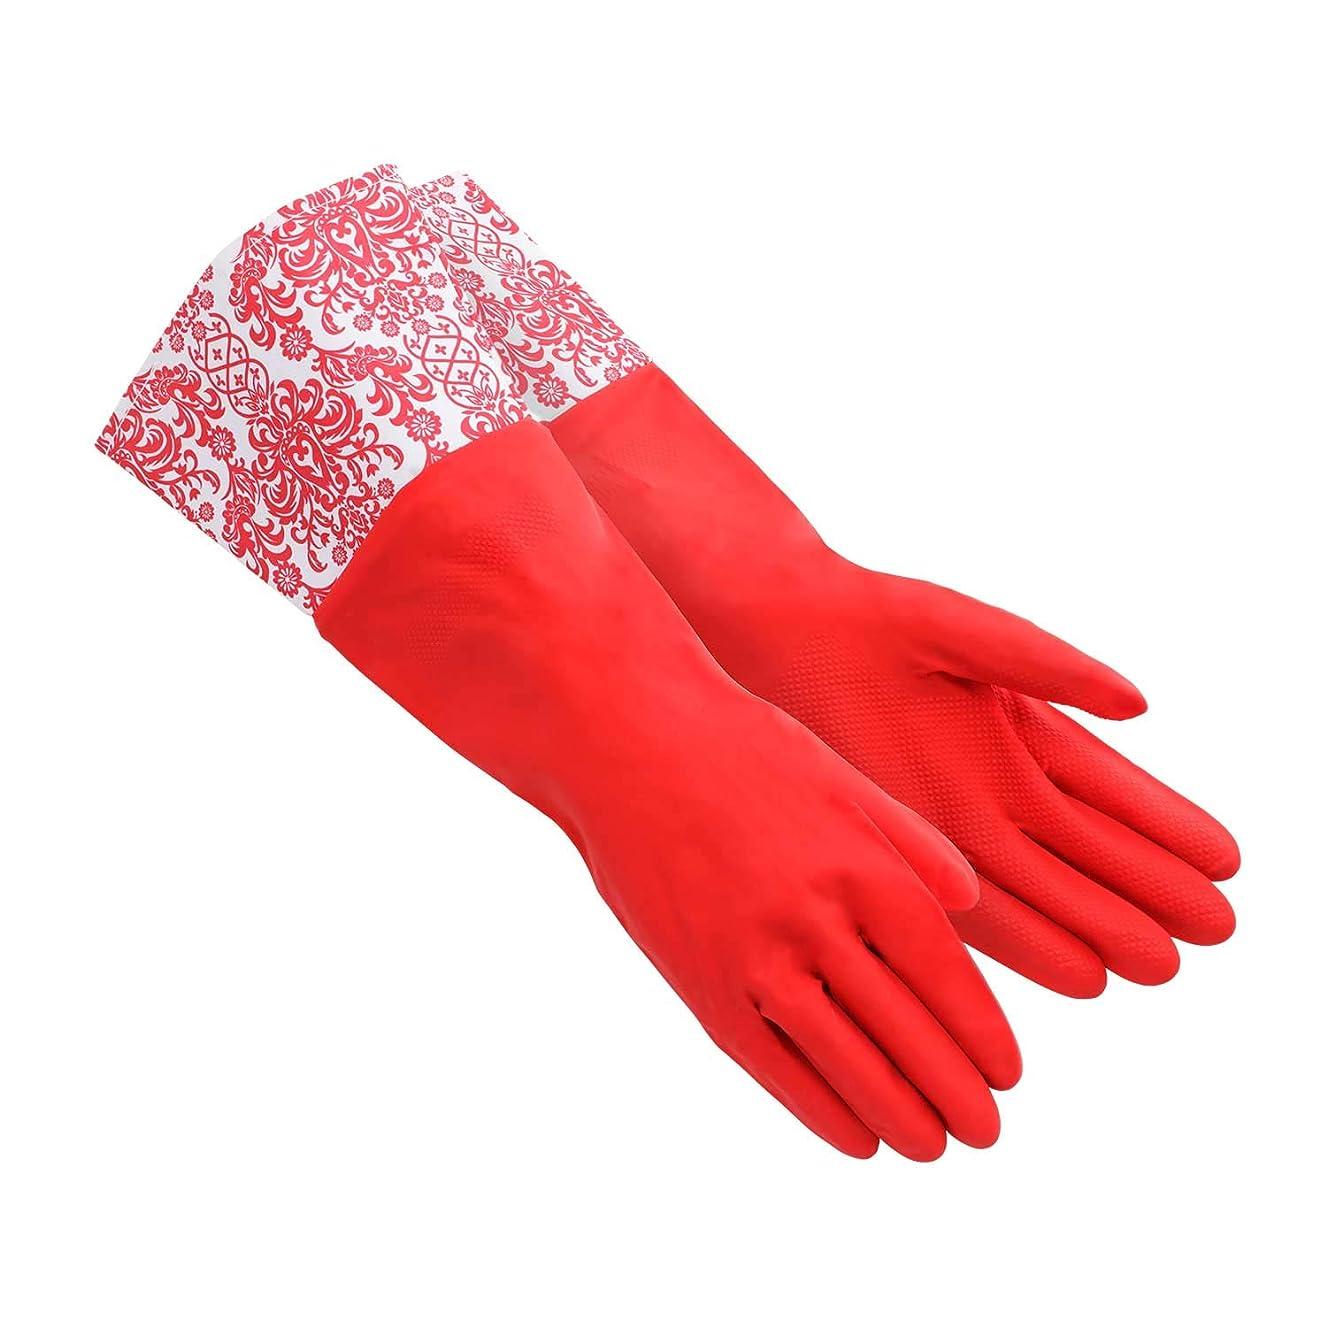 大同 ゴム手袋 レッド M Long Gloves ロンググローブ